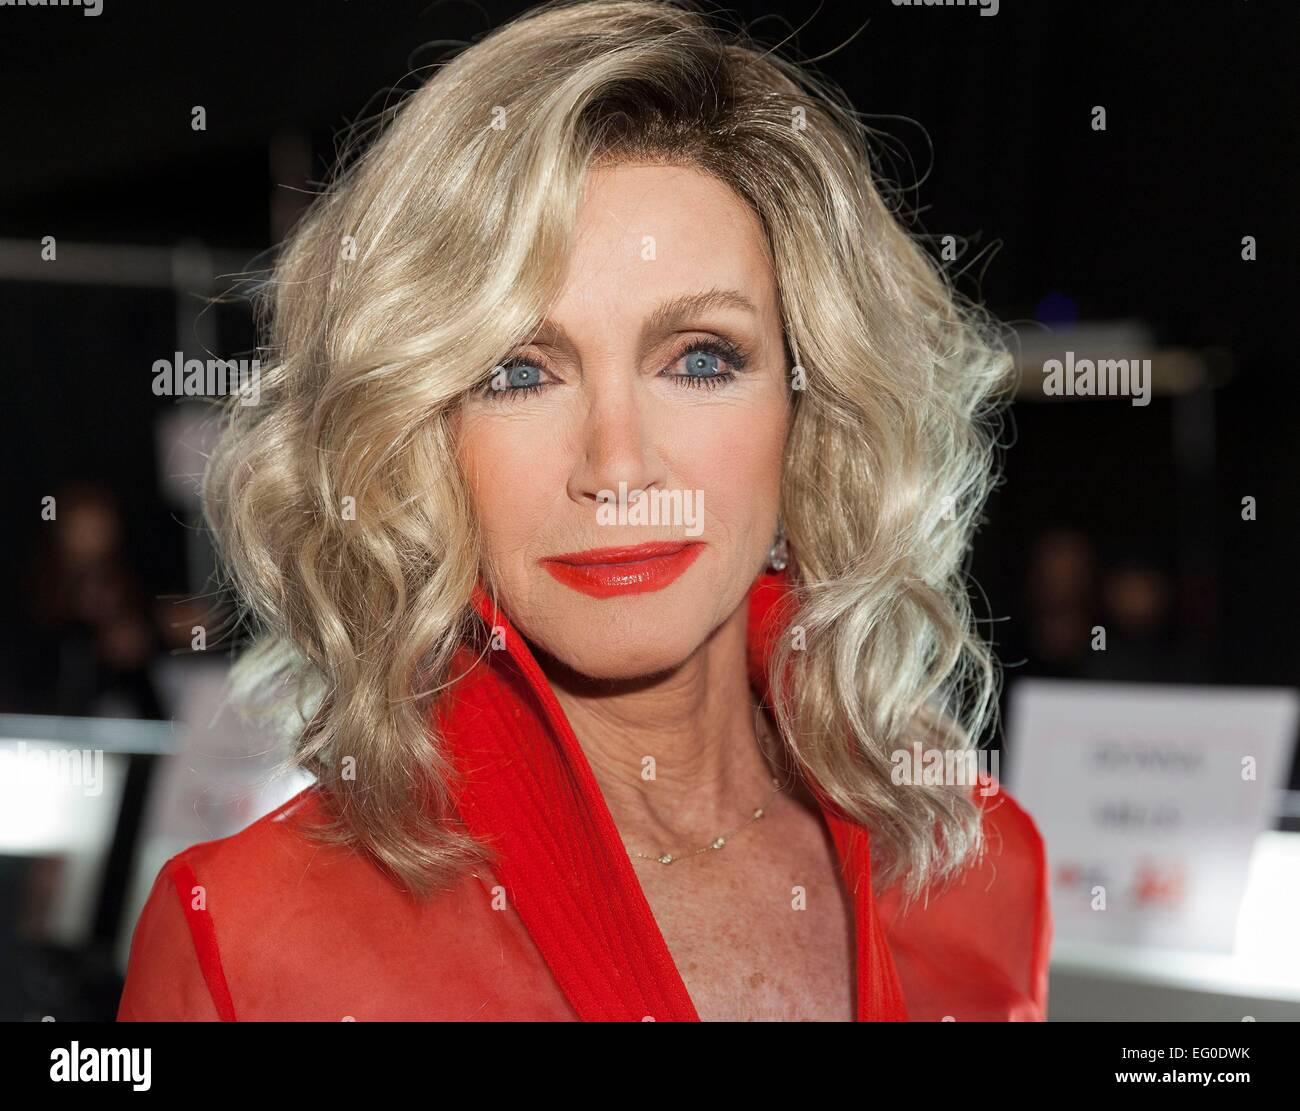 Donna Mills Donna Mills new photo